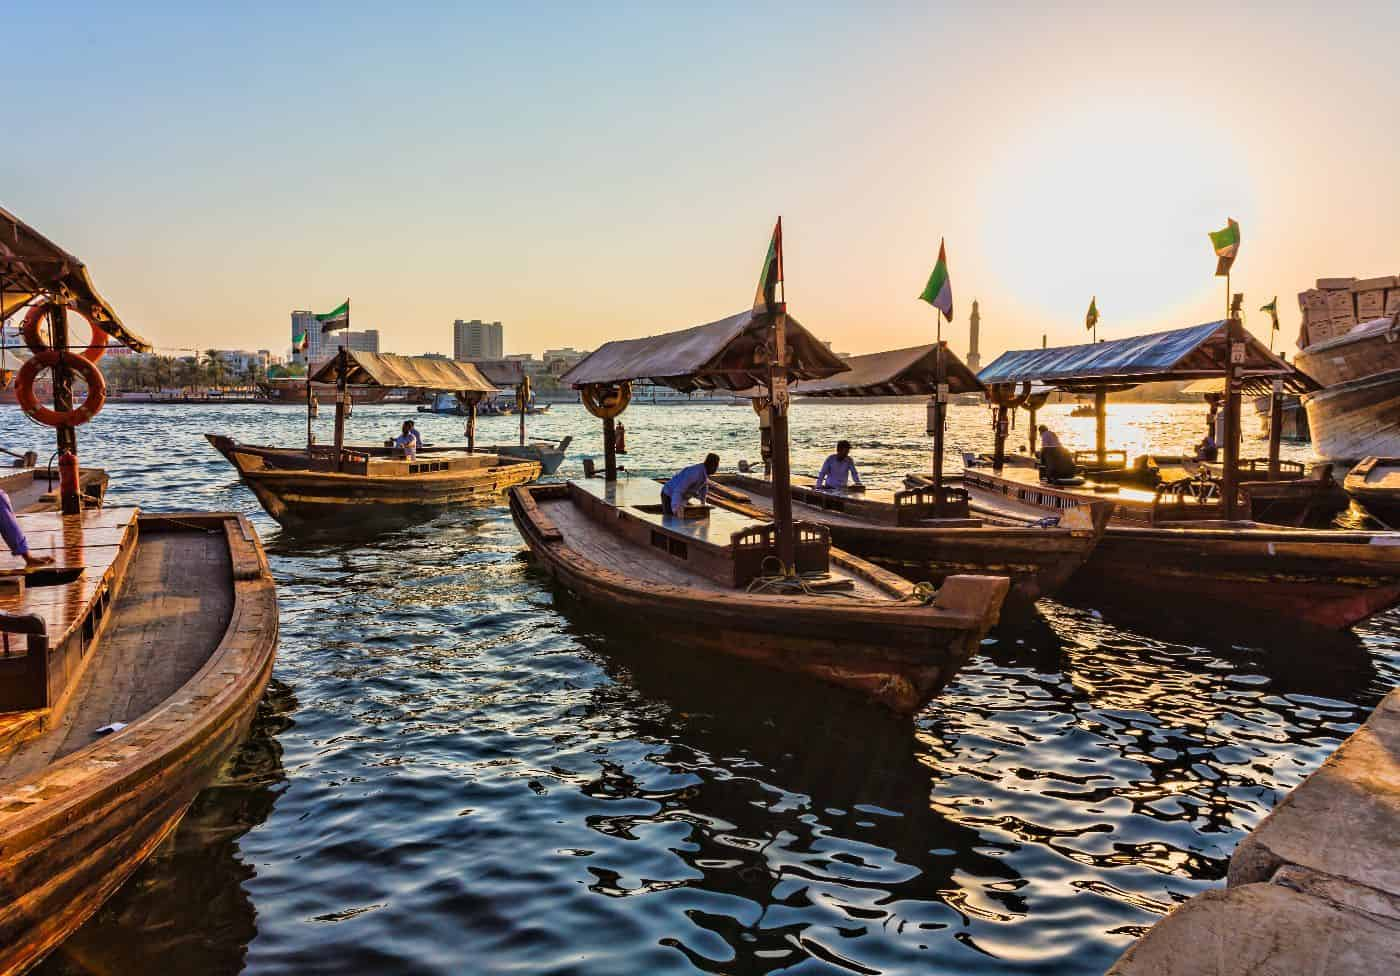 Old Town, Water Taxi Trip, Dubai Creek